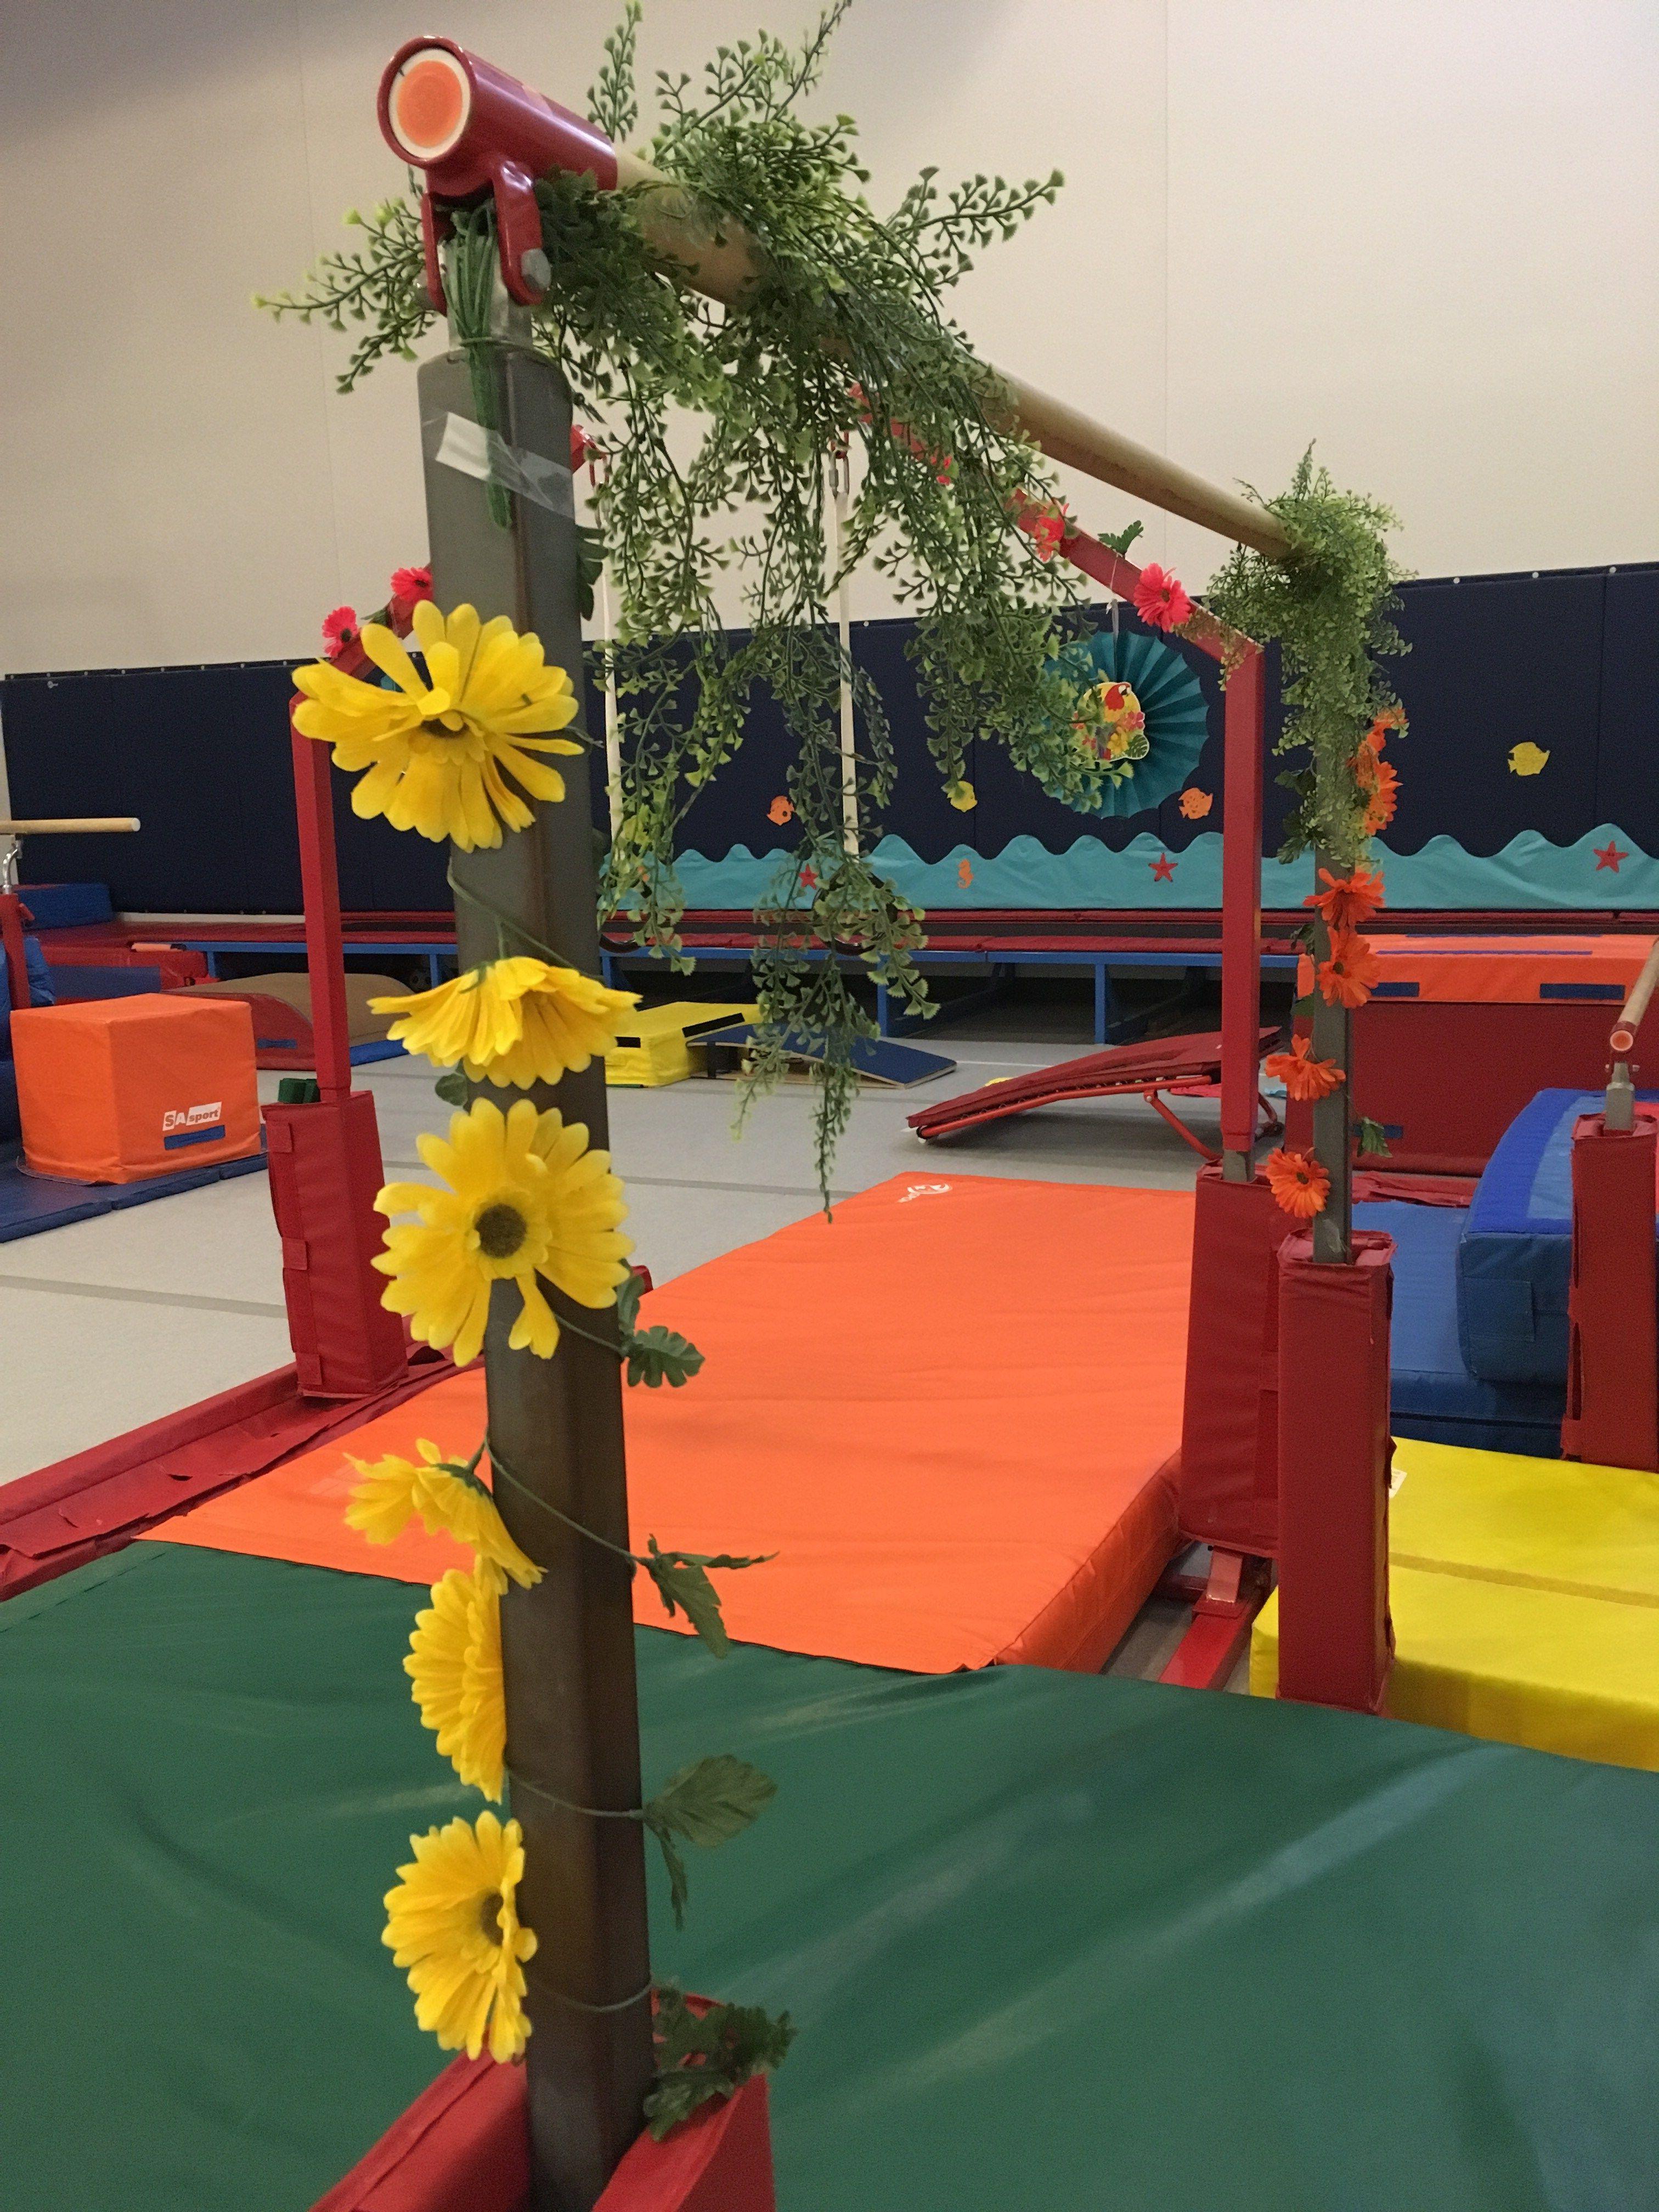 Hawaiian Moana Theme Week Decorations Click For Many More Theme Set Up And Activity Ideas